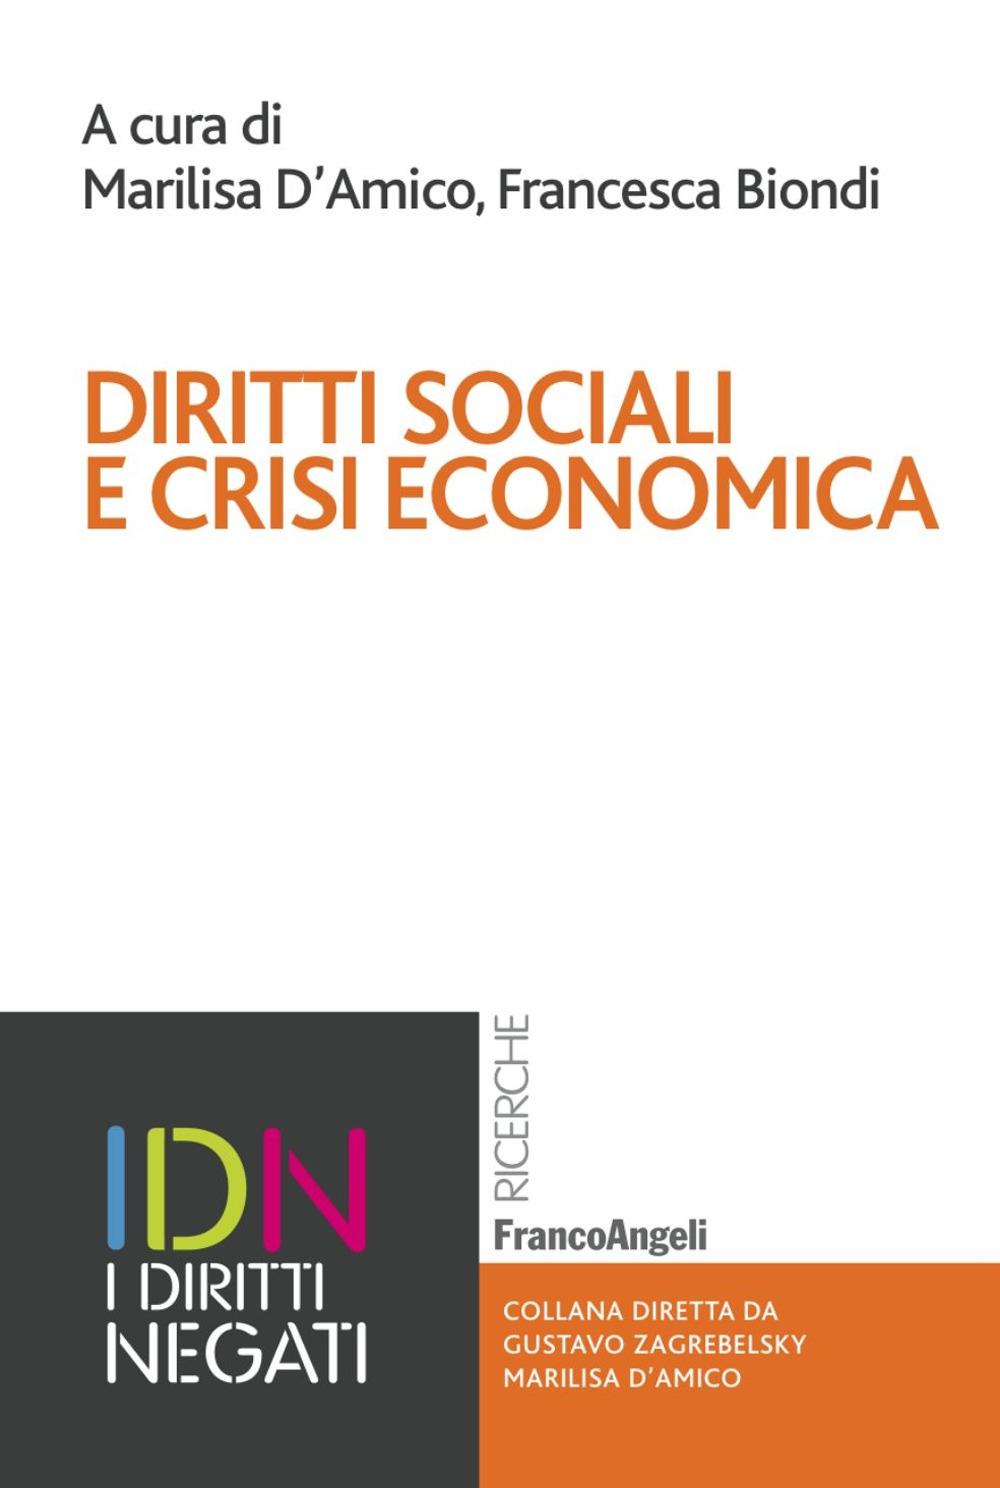 Diritti sociali e crisi economica